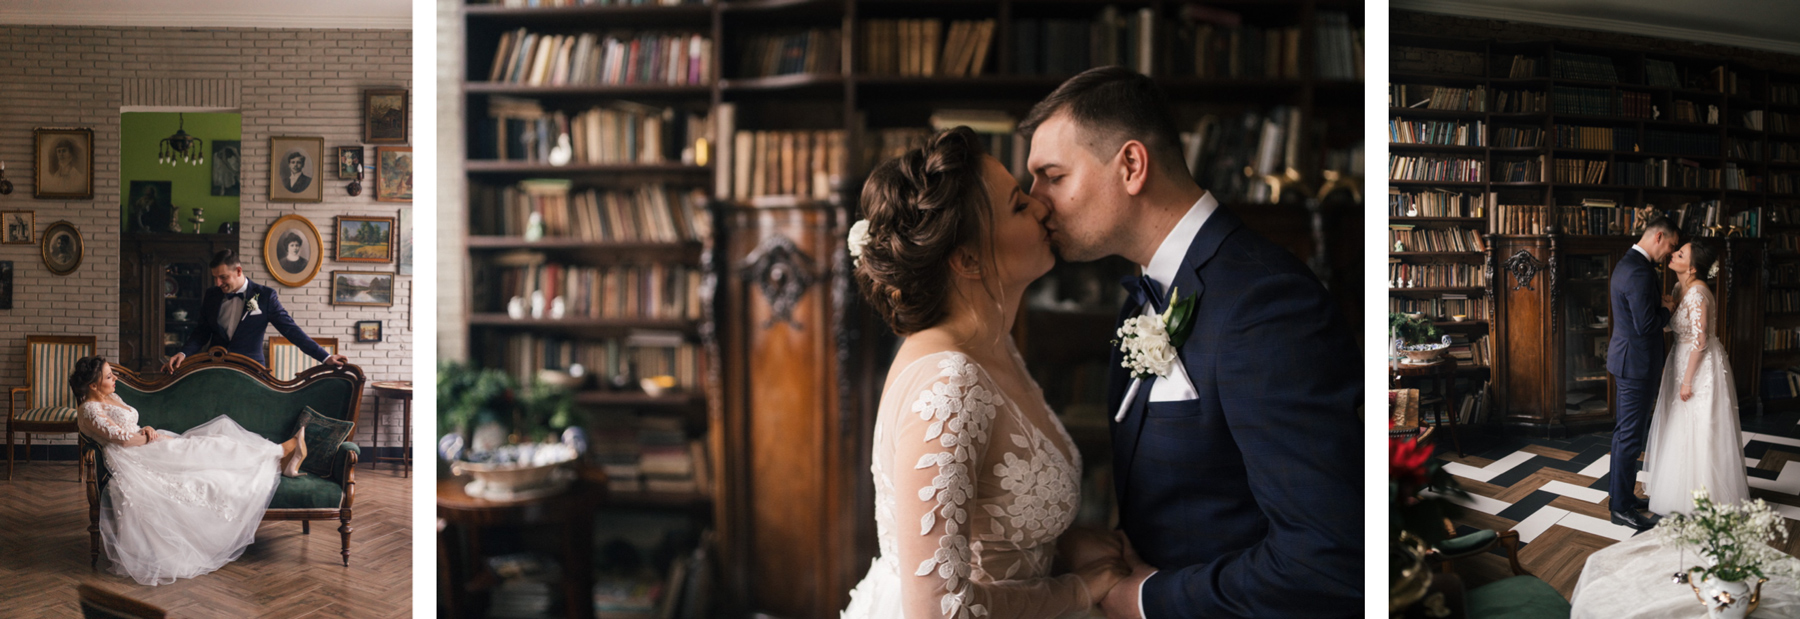 zdjęcia rodzinne pałac malina kutno łódź łódzkie fotograf ślubny na ślub na wesele